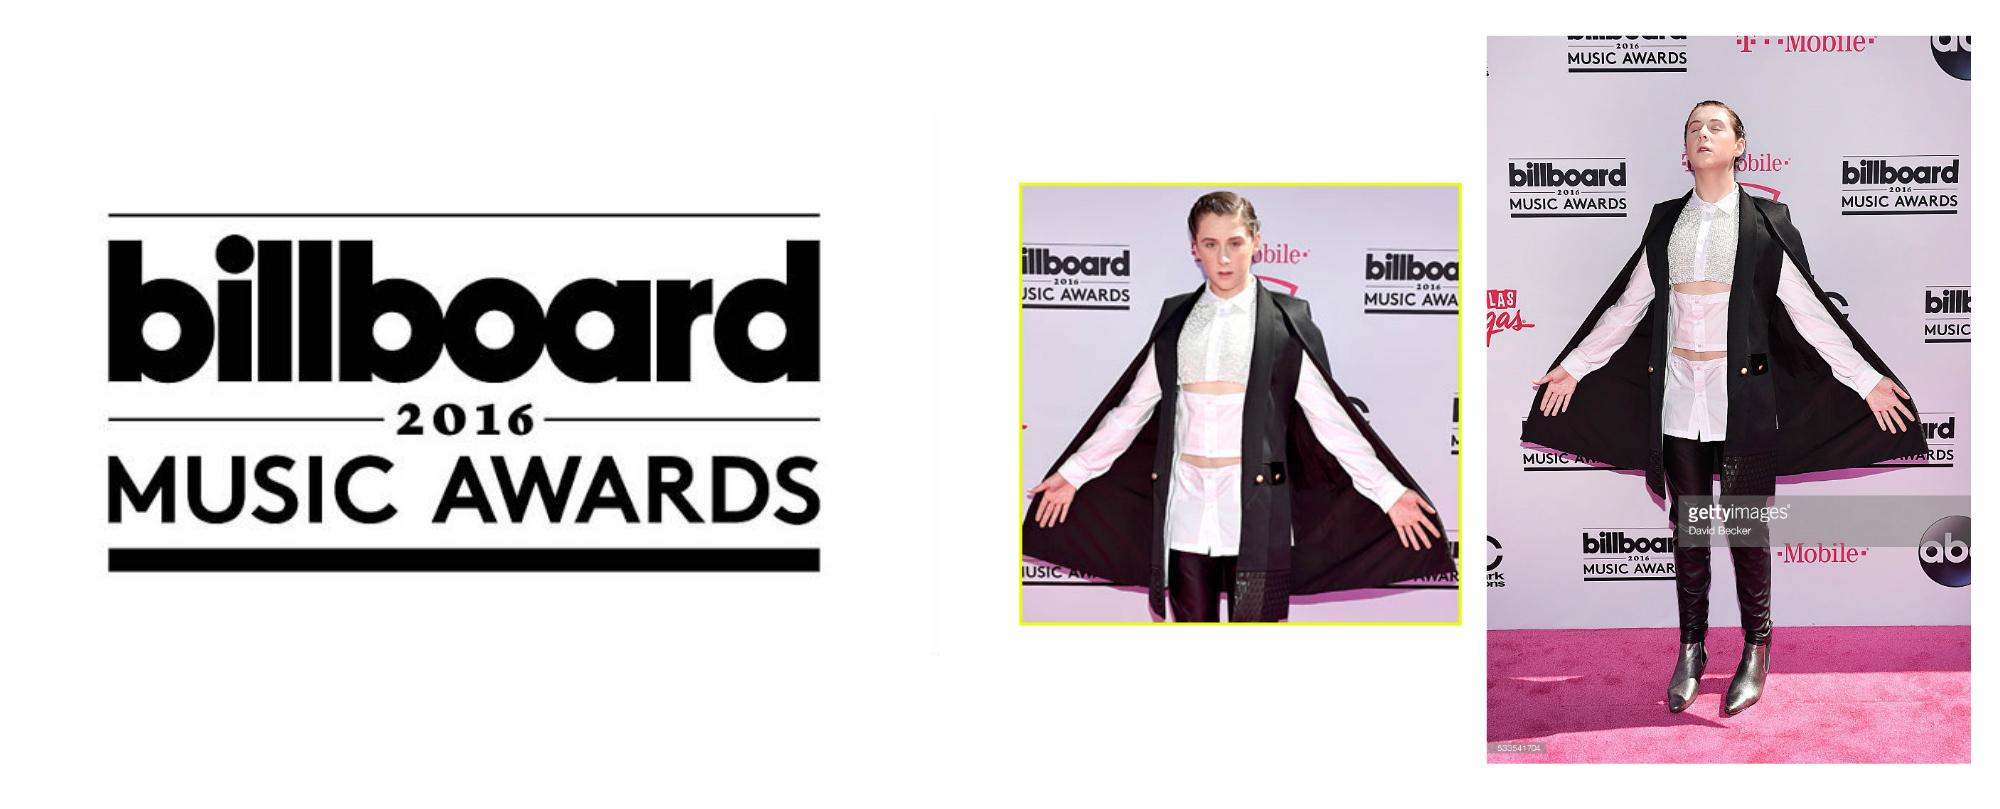 Billboard 2016